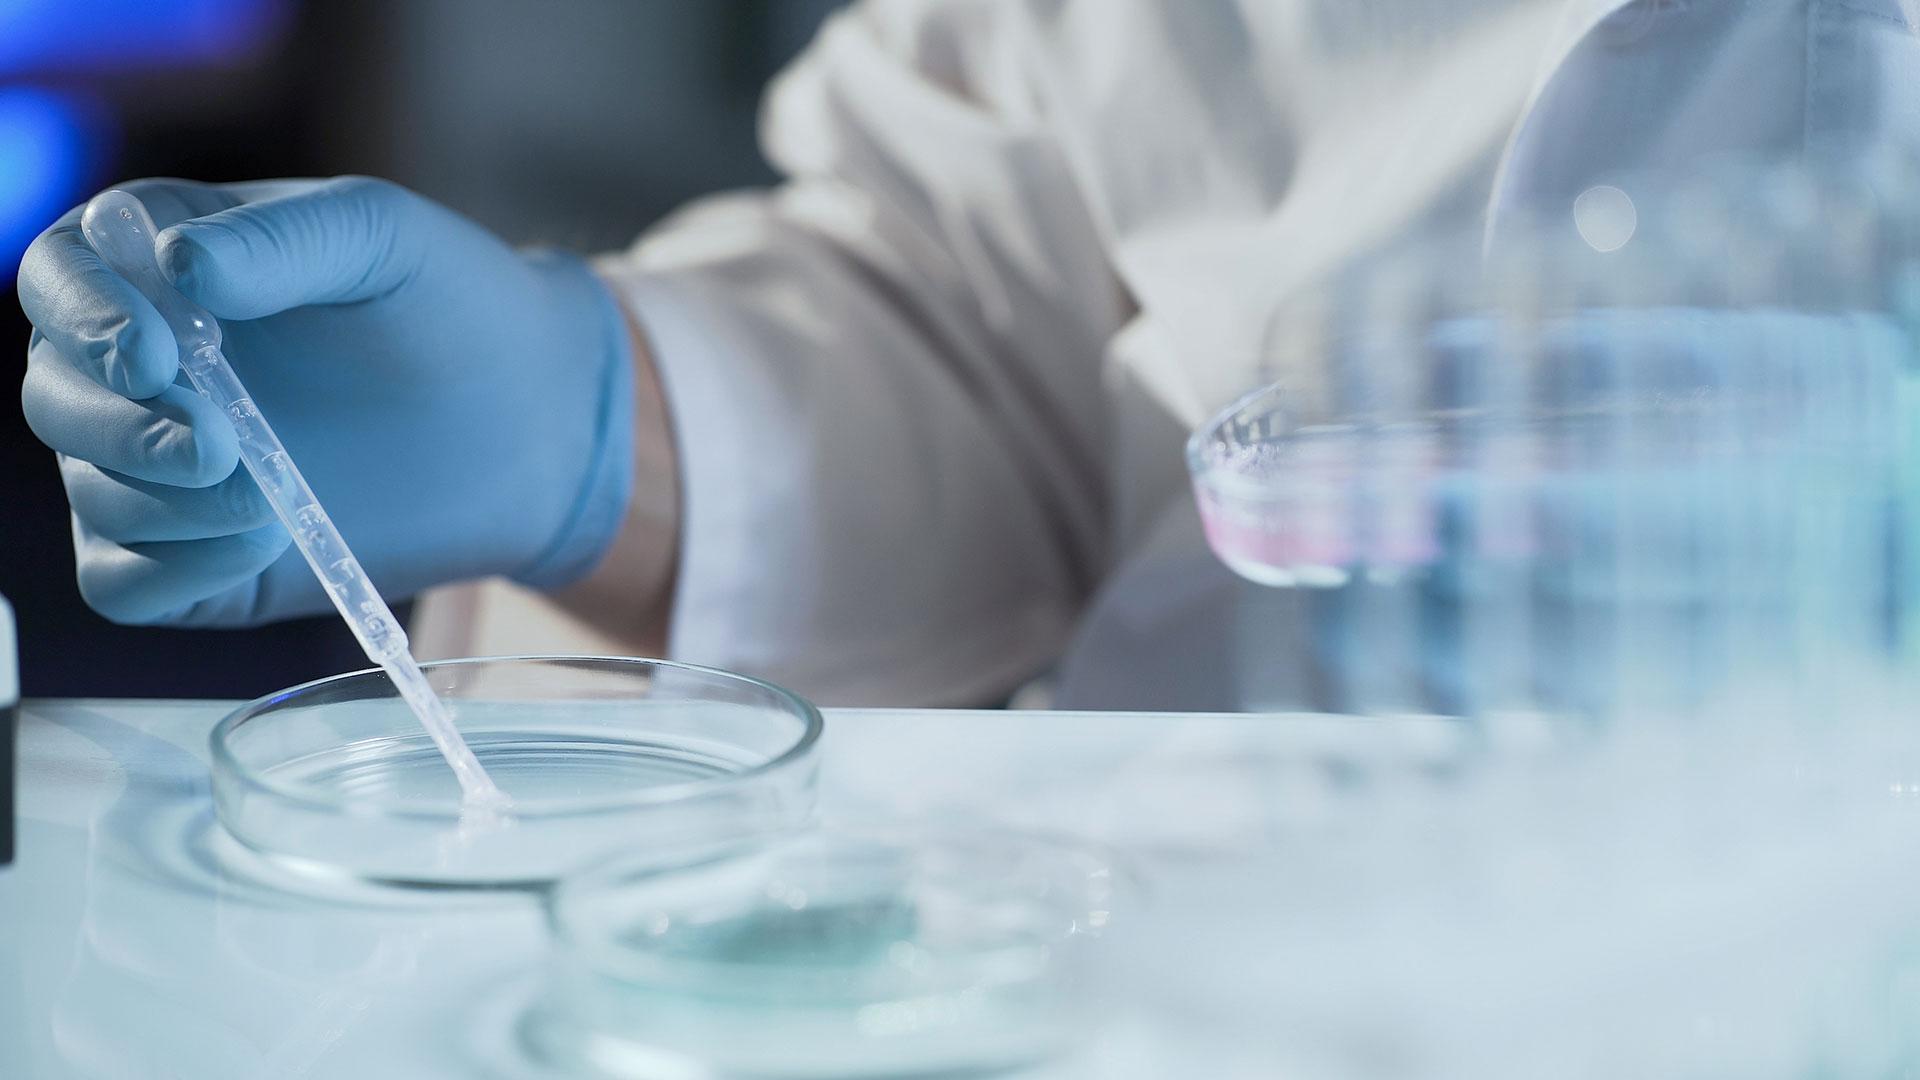 El bloqueo de las proteínas IRE-1a y XBP1 sería efectivo para revertir la resistencia a la inmunoterapia (Getty)